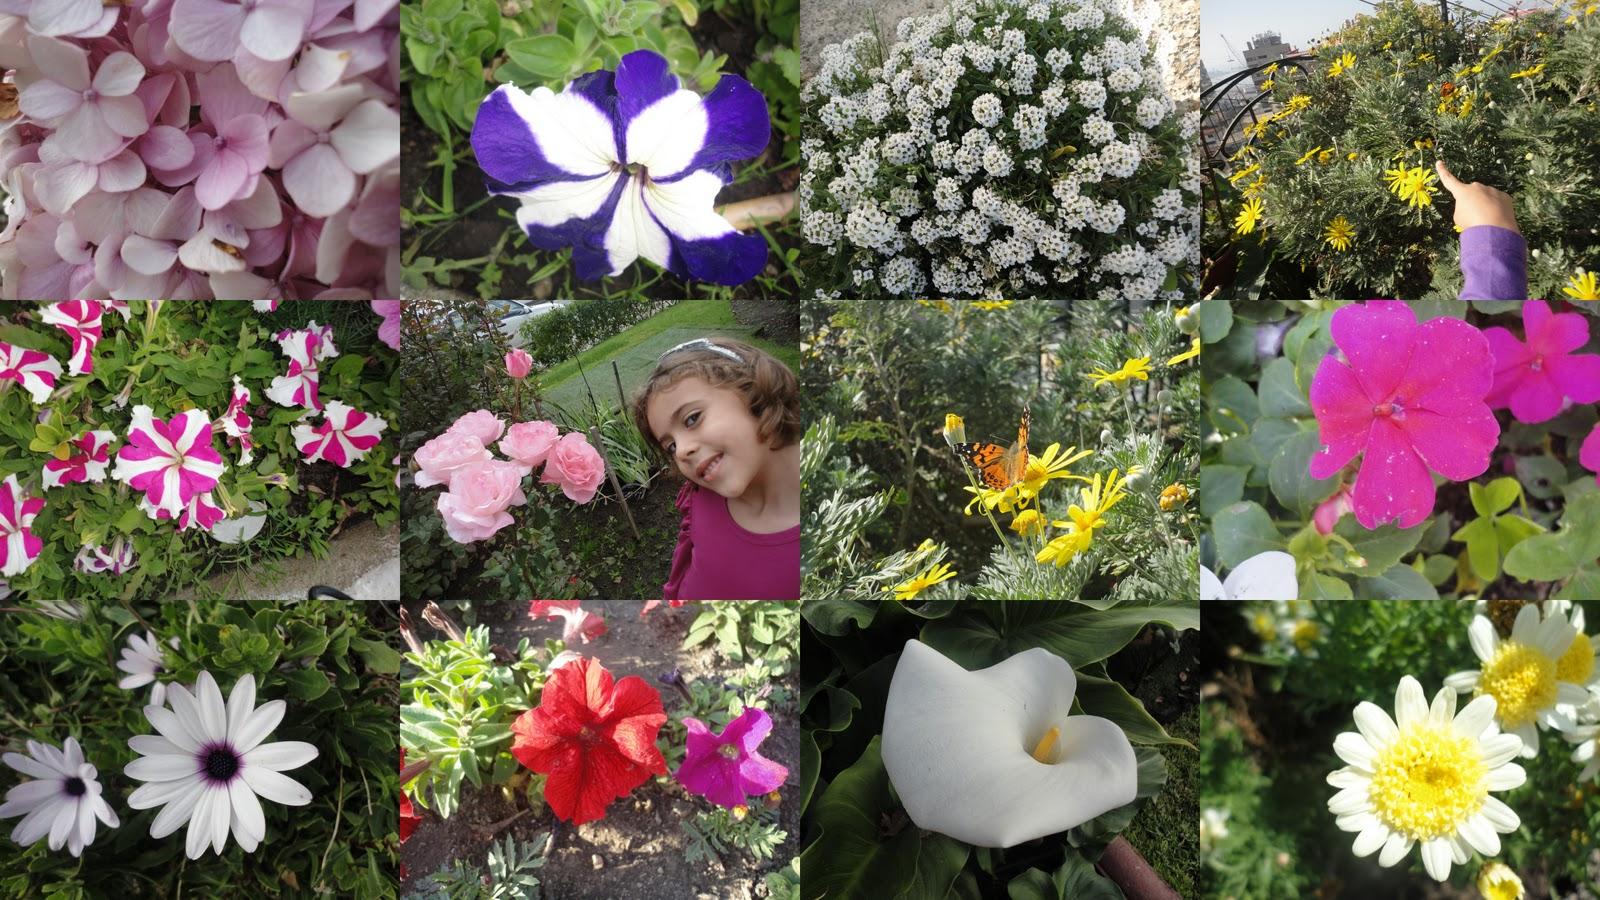 flores cidade jardim: cidade jardim inspirou Sofia a virar fotógrafa de flores, confira